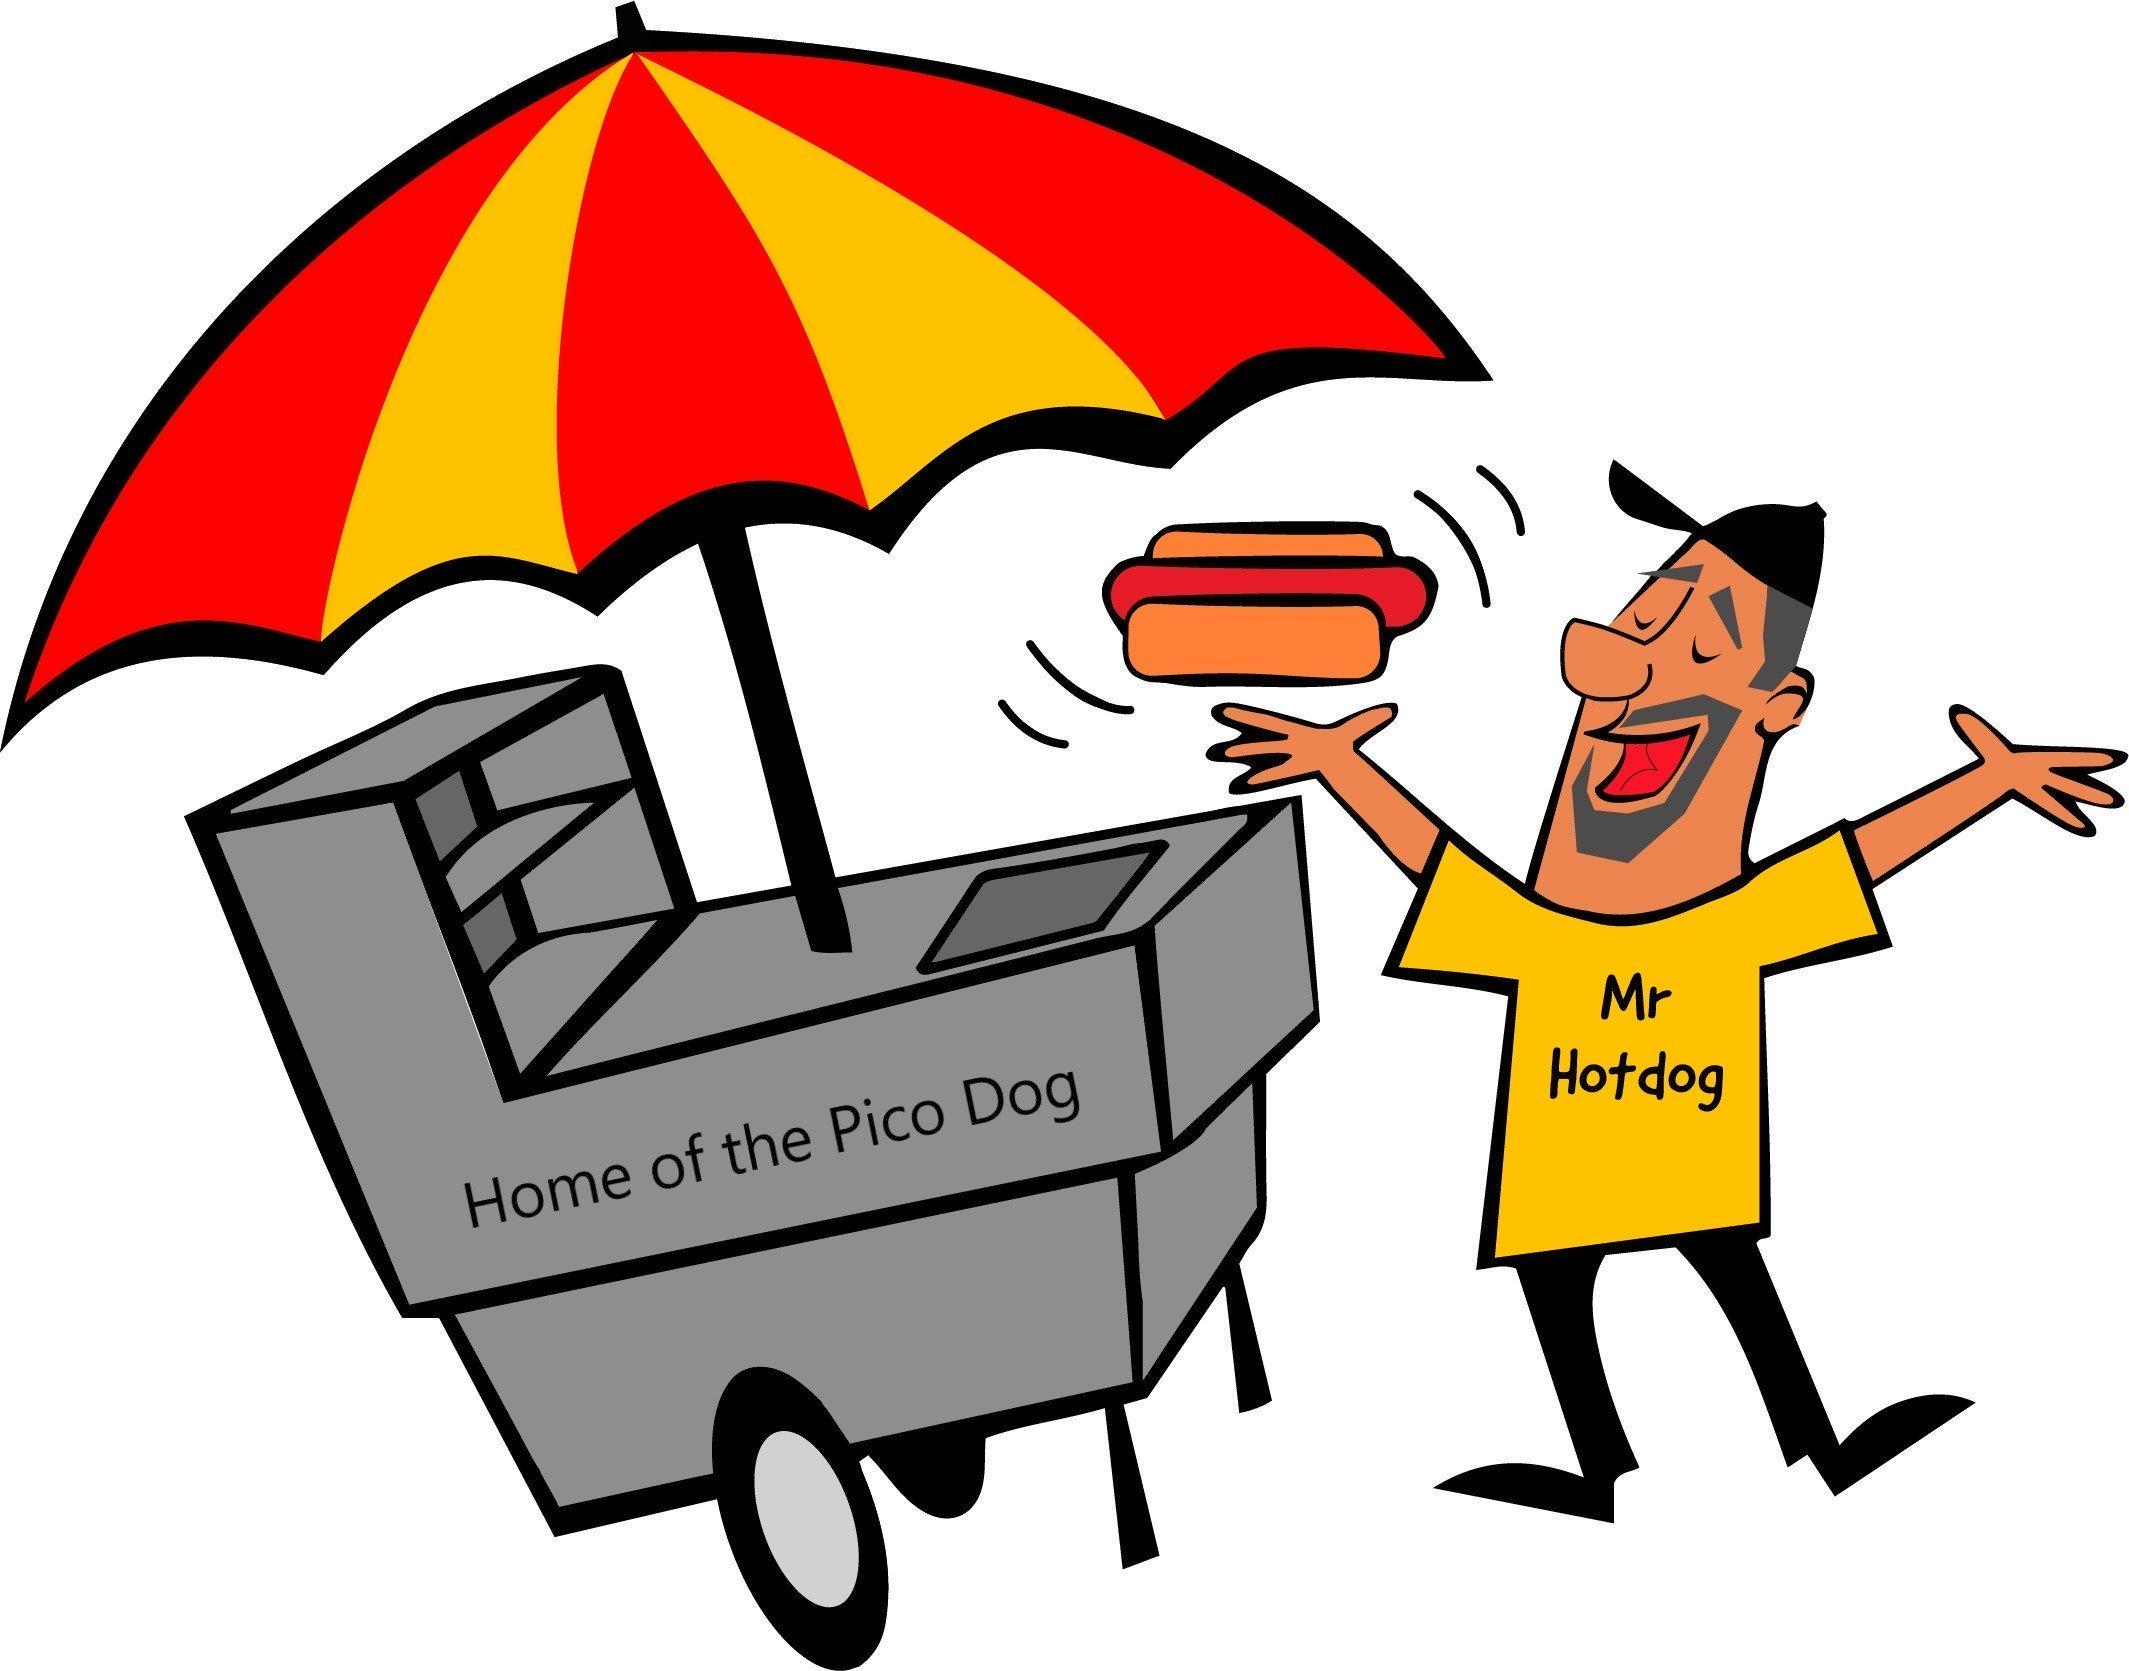 Mr. Hotdog!